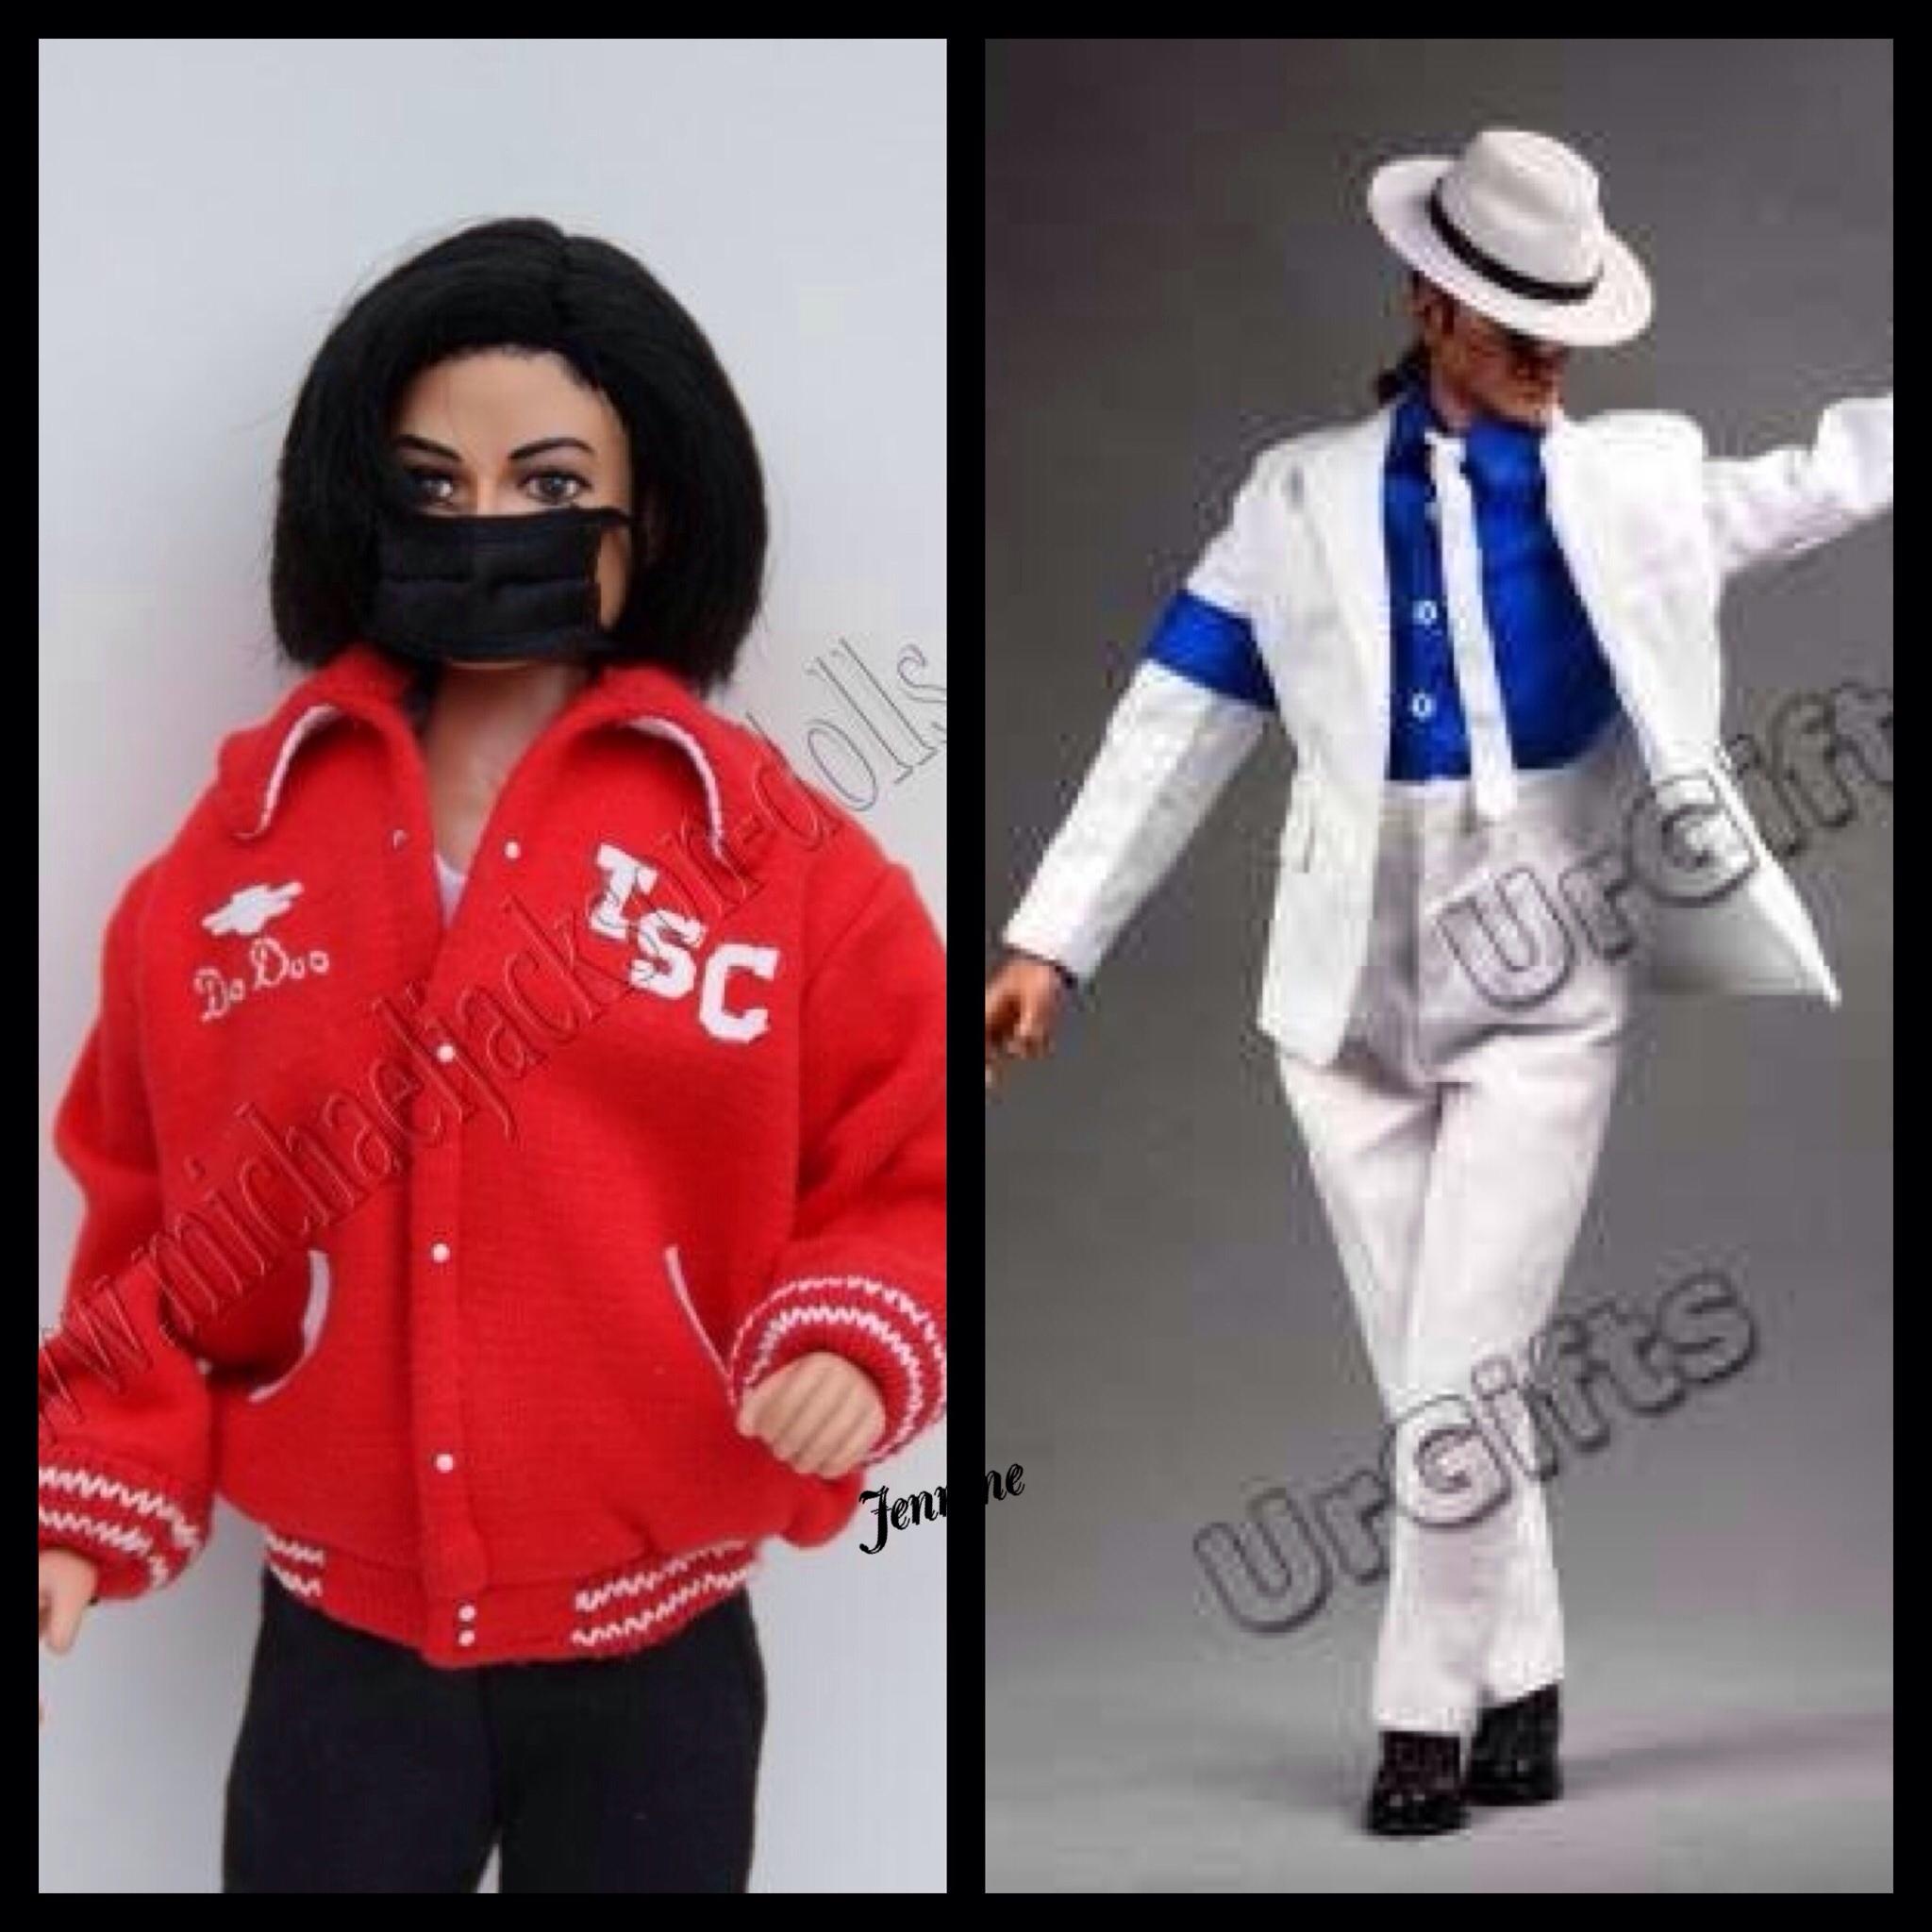 Michael Dolls I want them ALL